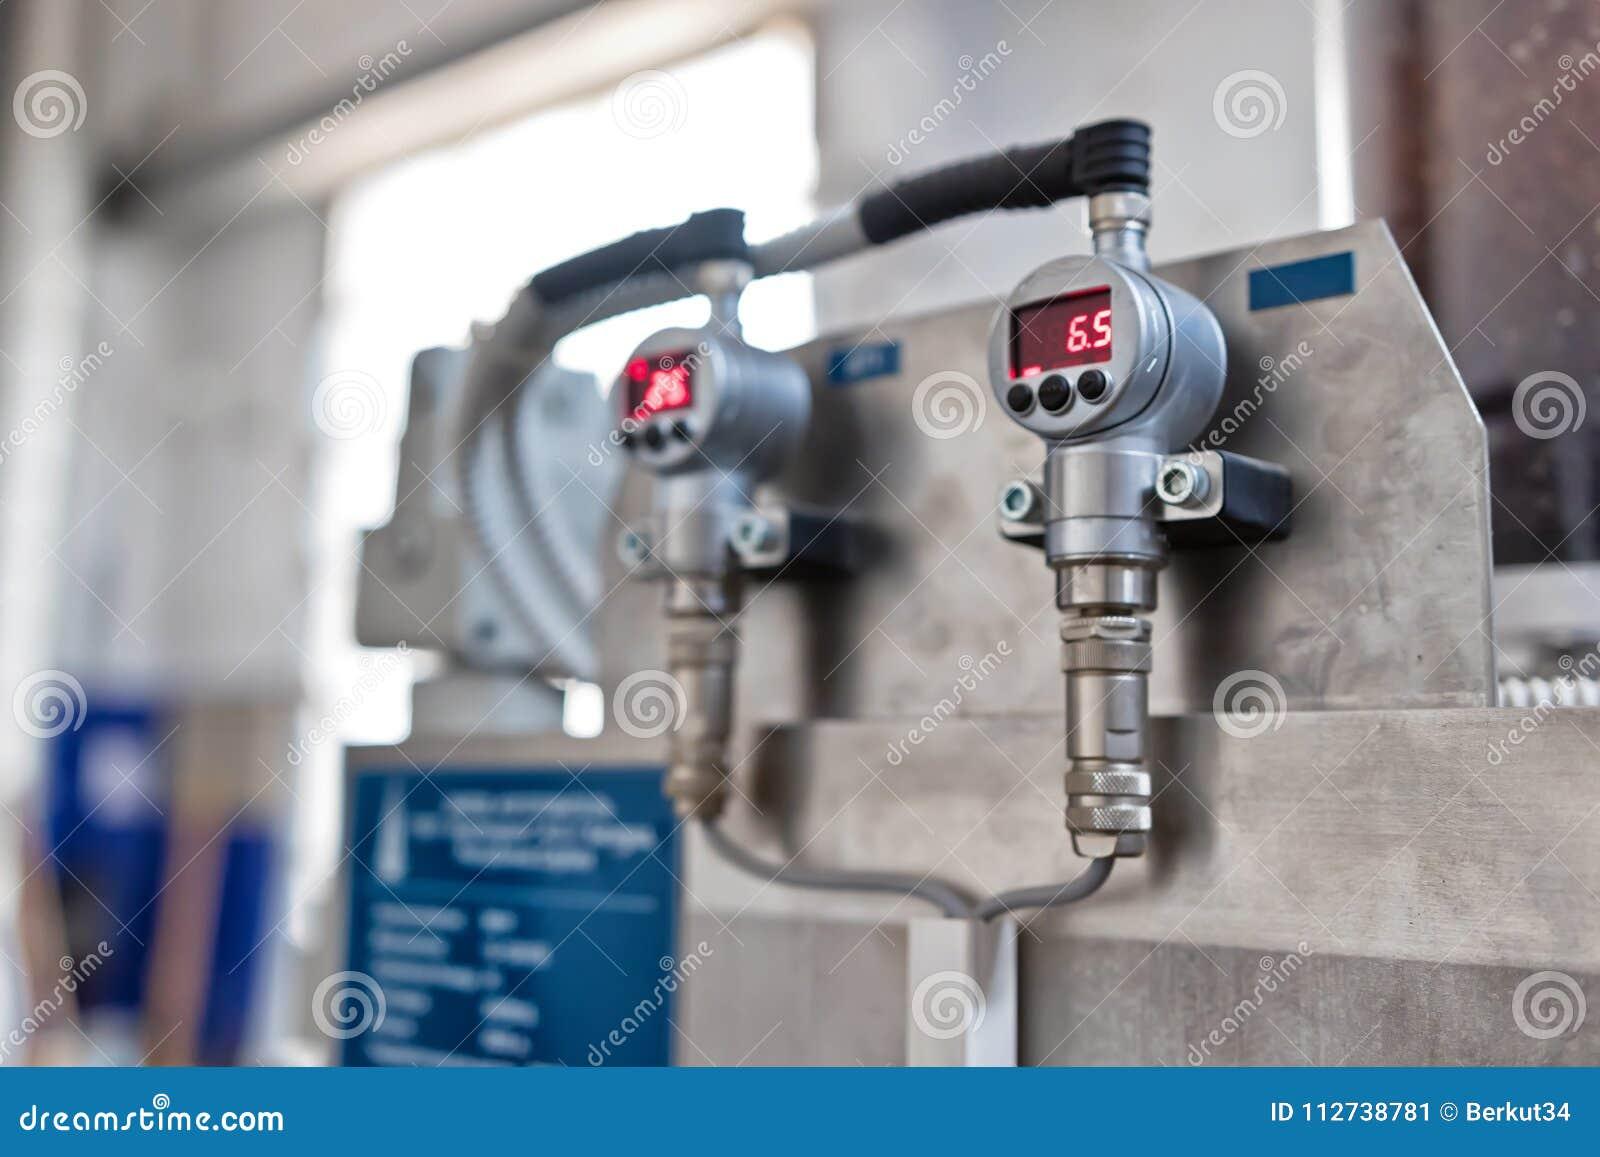 Dispositivos electrónicos para medir la presión